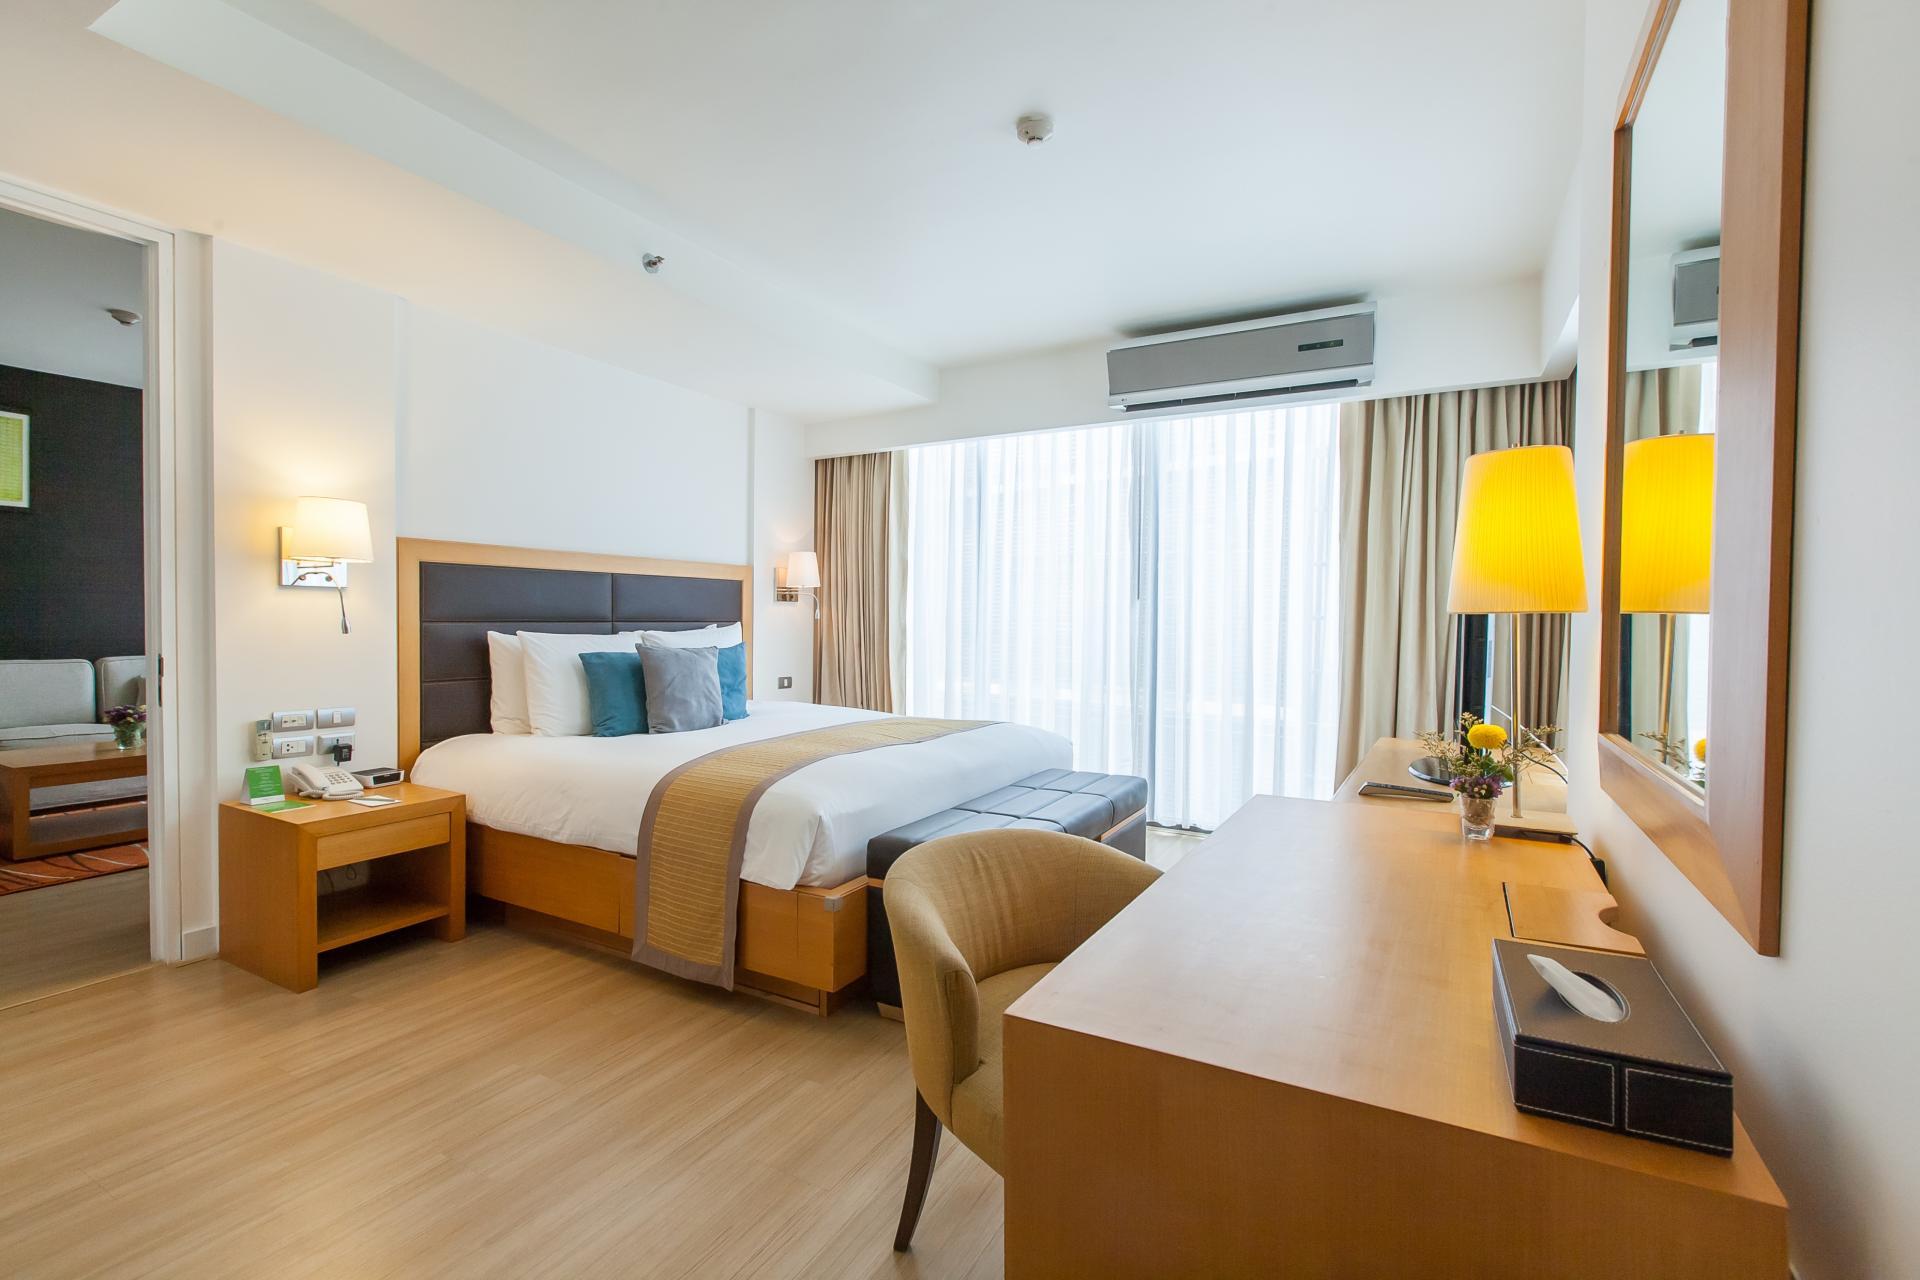 Bedroom at Oakwood Residence Sukhumvit 24 Bangkok - Citybase Apartments